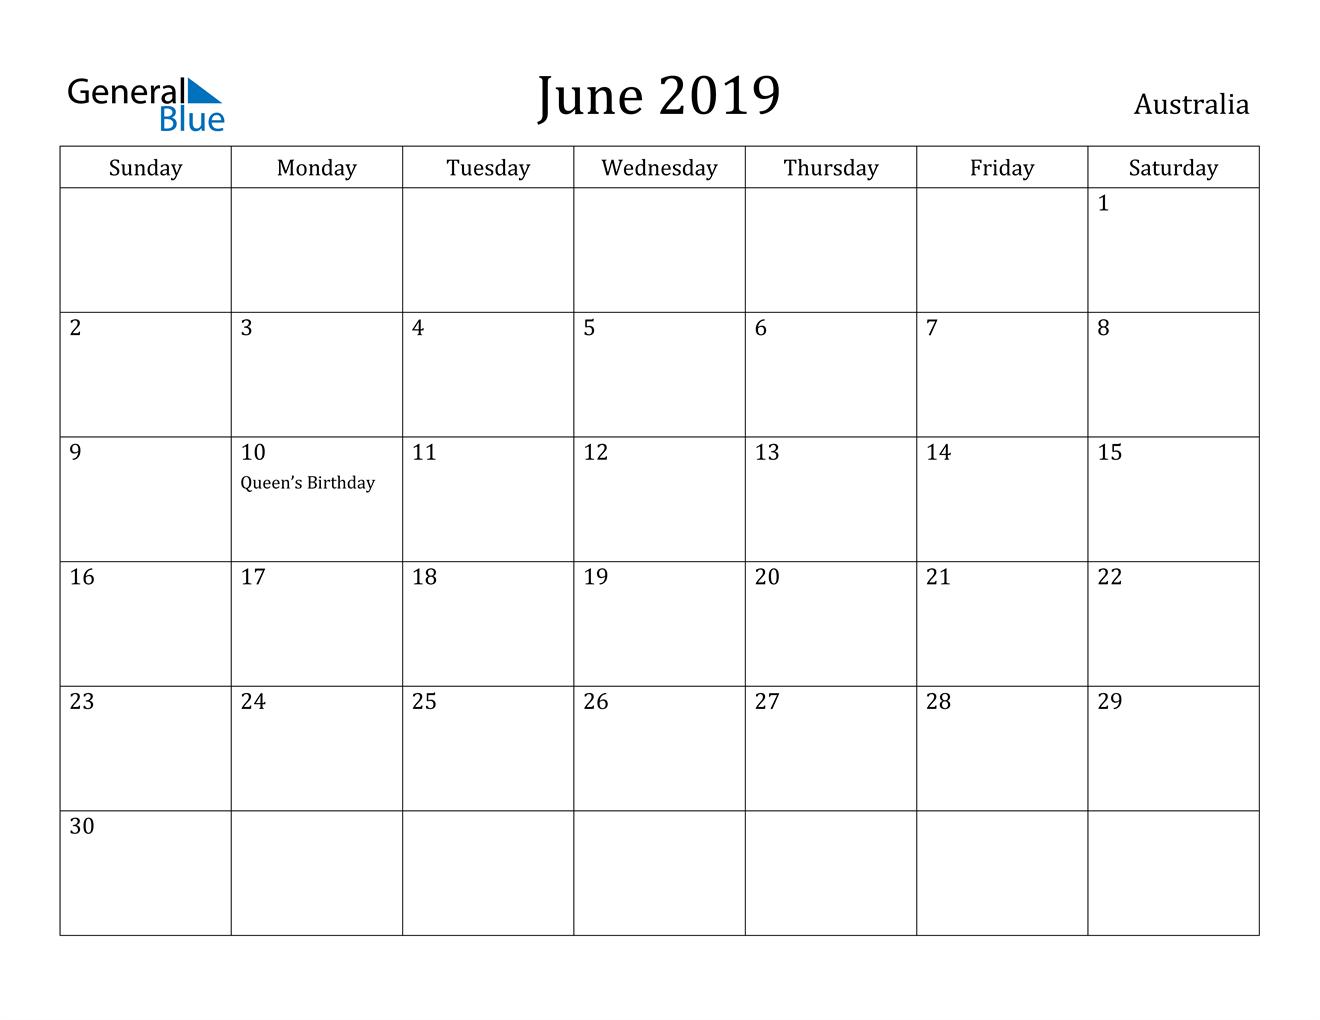 Image of June 2019 Australia Calendar with Holidays Calendar